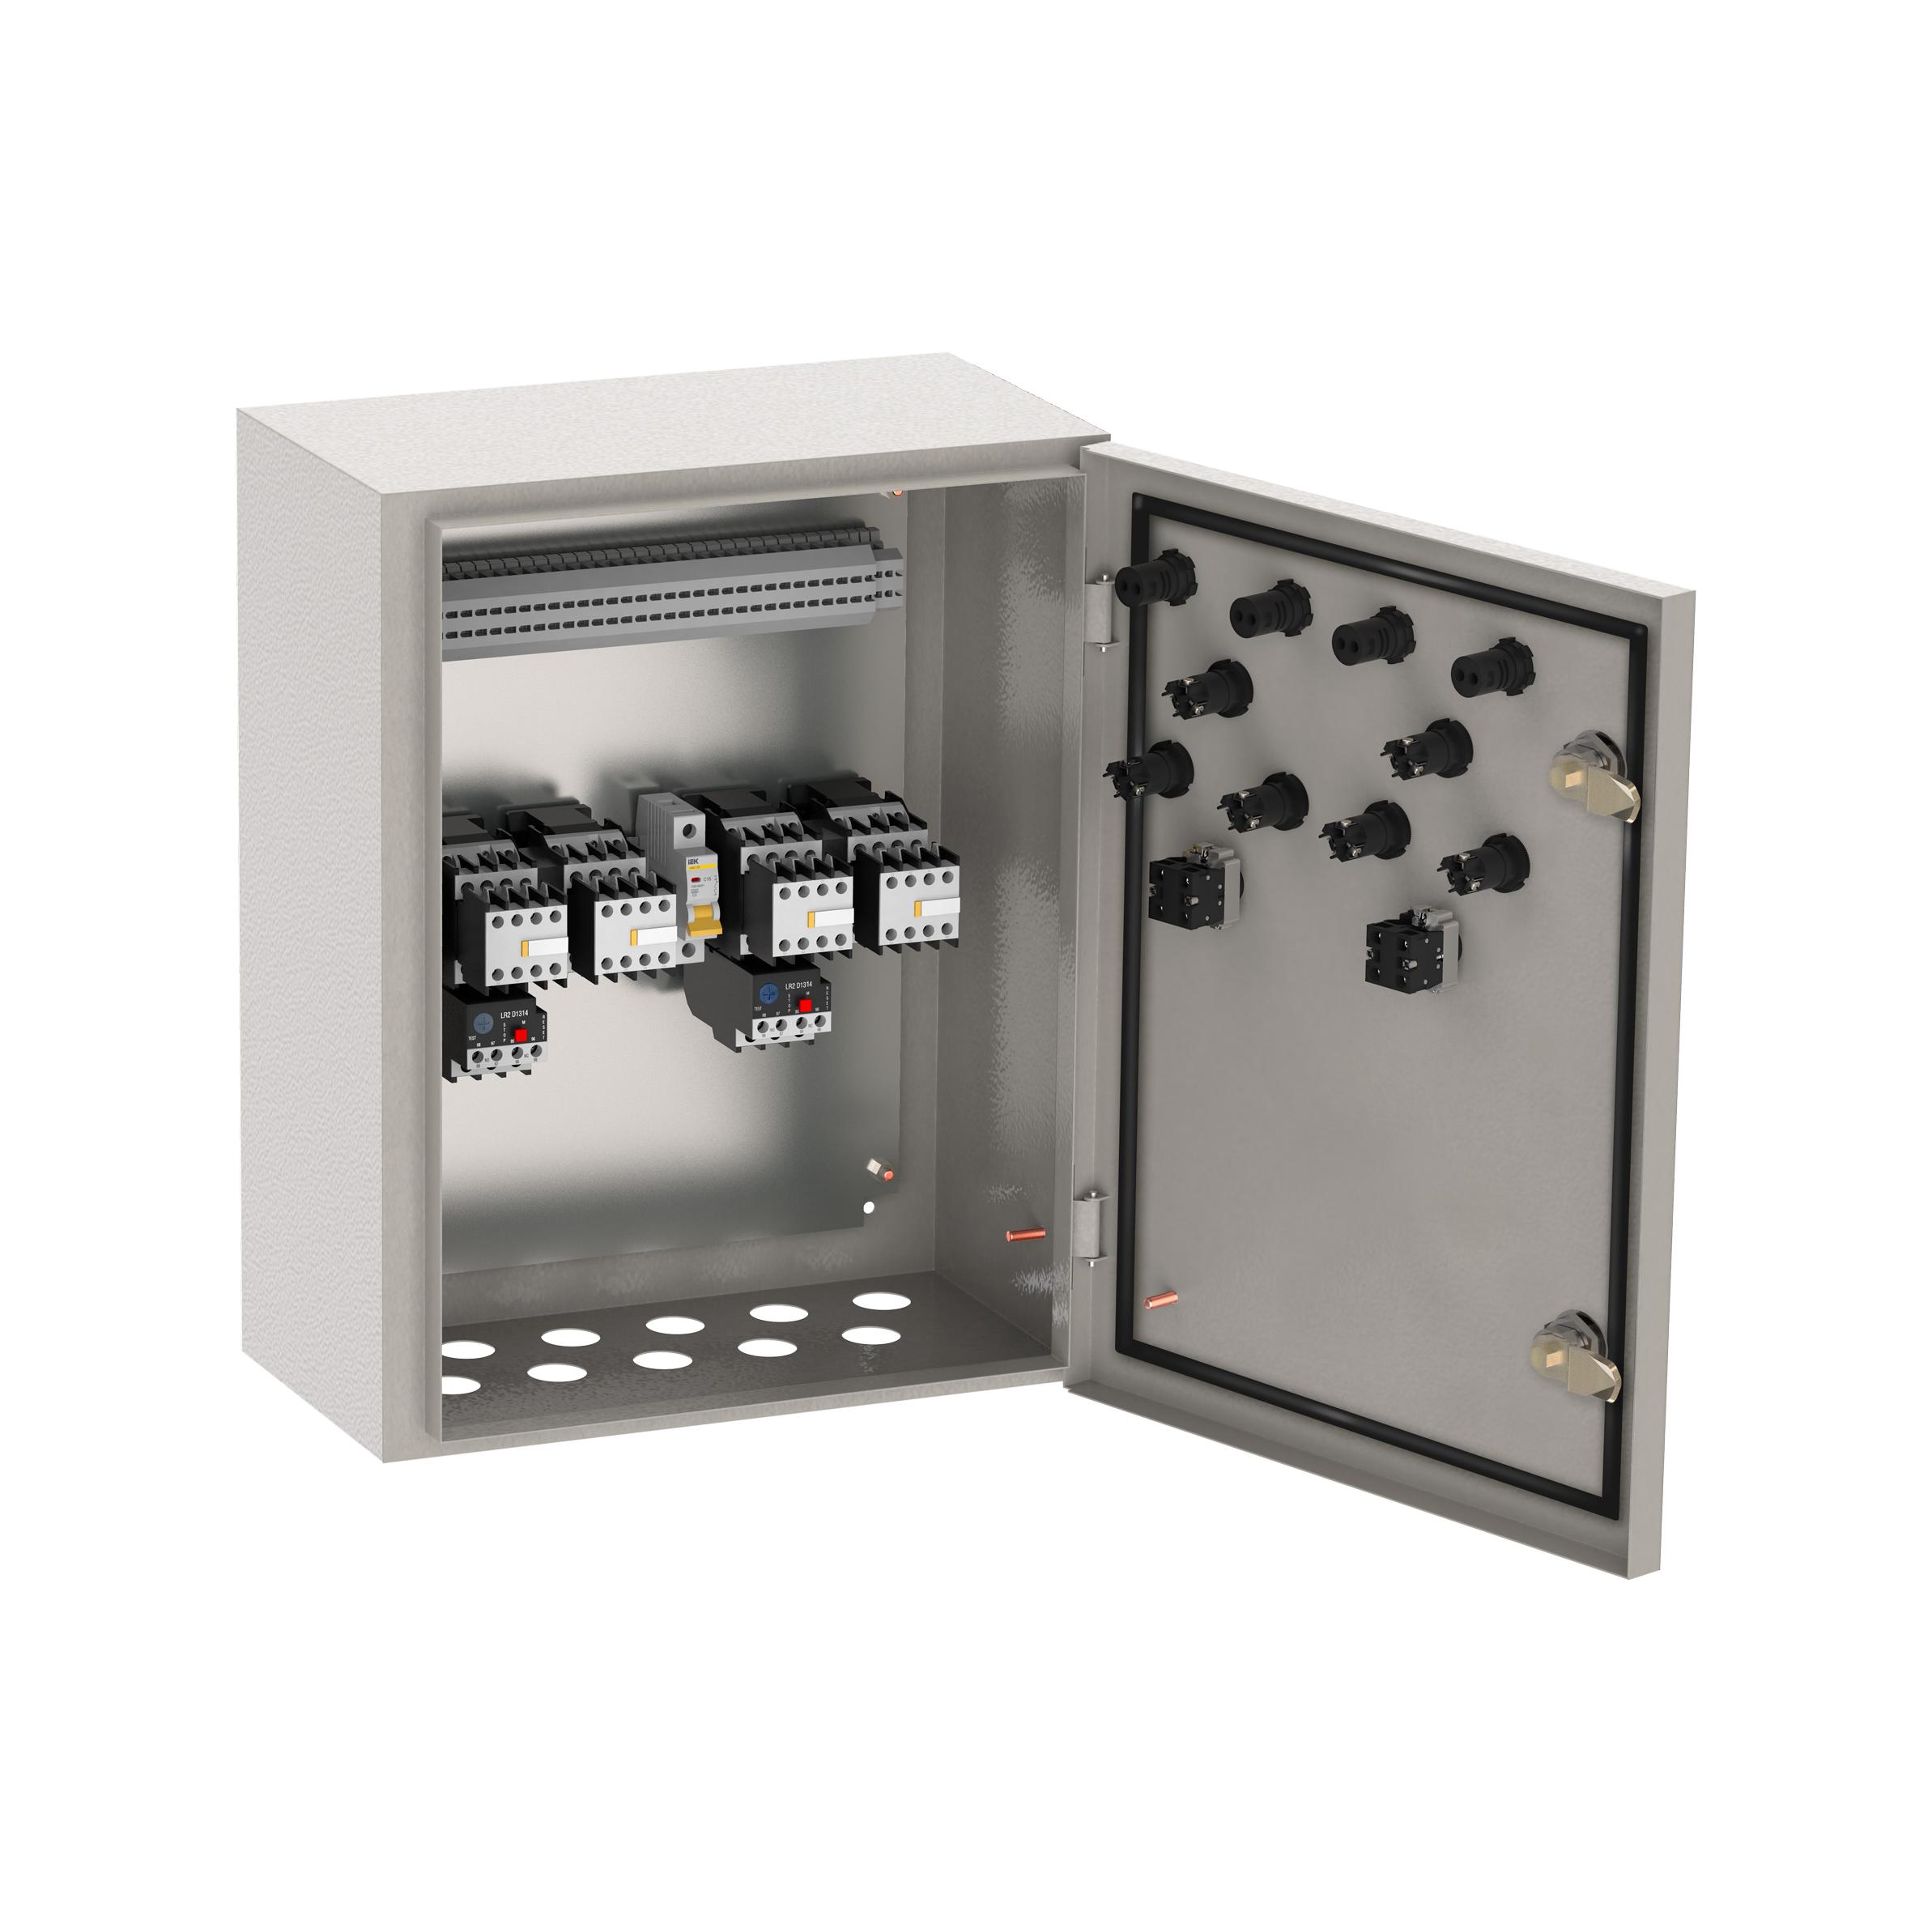 Ящик управления РУСМ5434-2474 реверсивный 2 фидера без автоматического выключателя без переключателя на автоматический режим 2,5А IP54 IEK